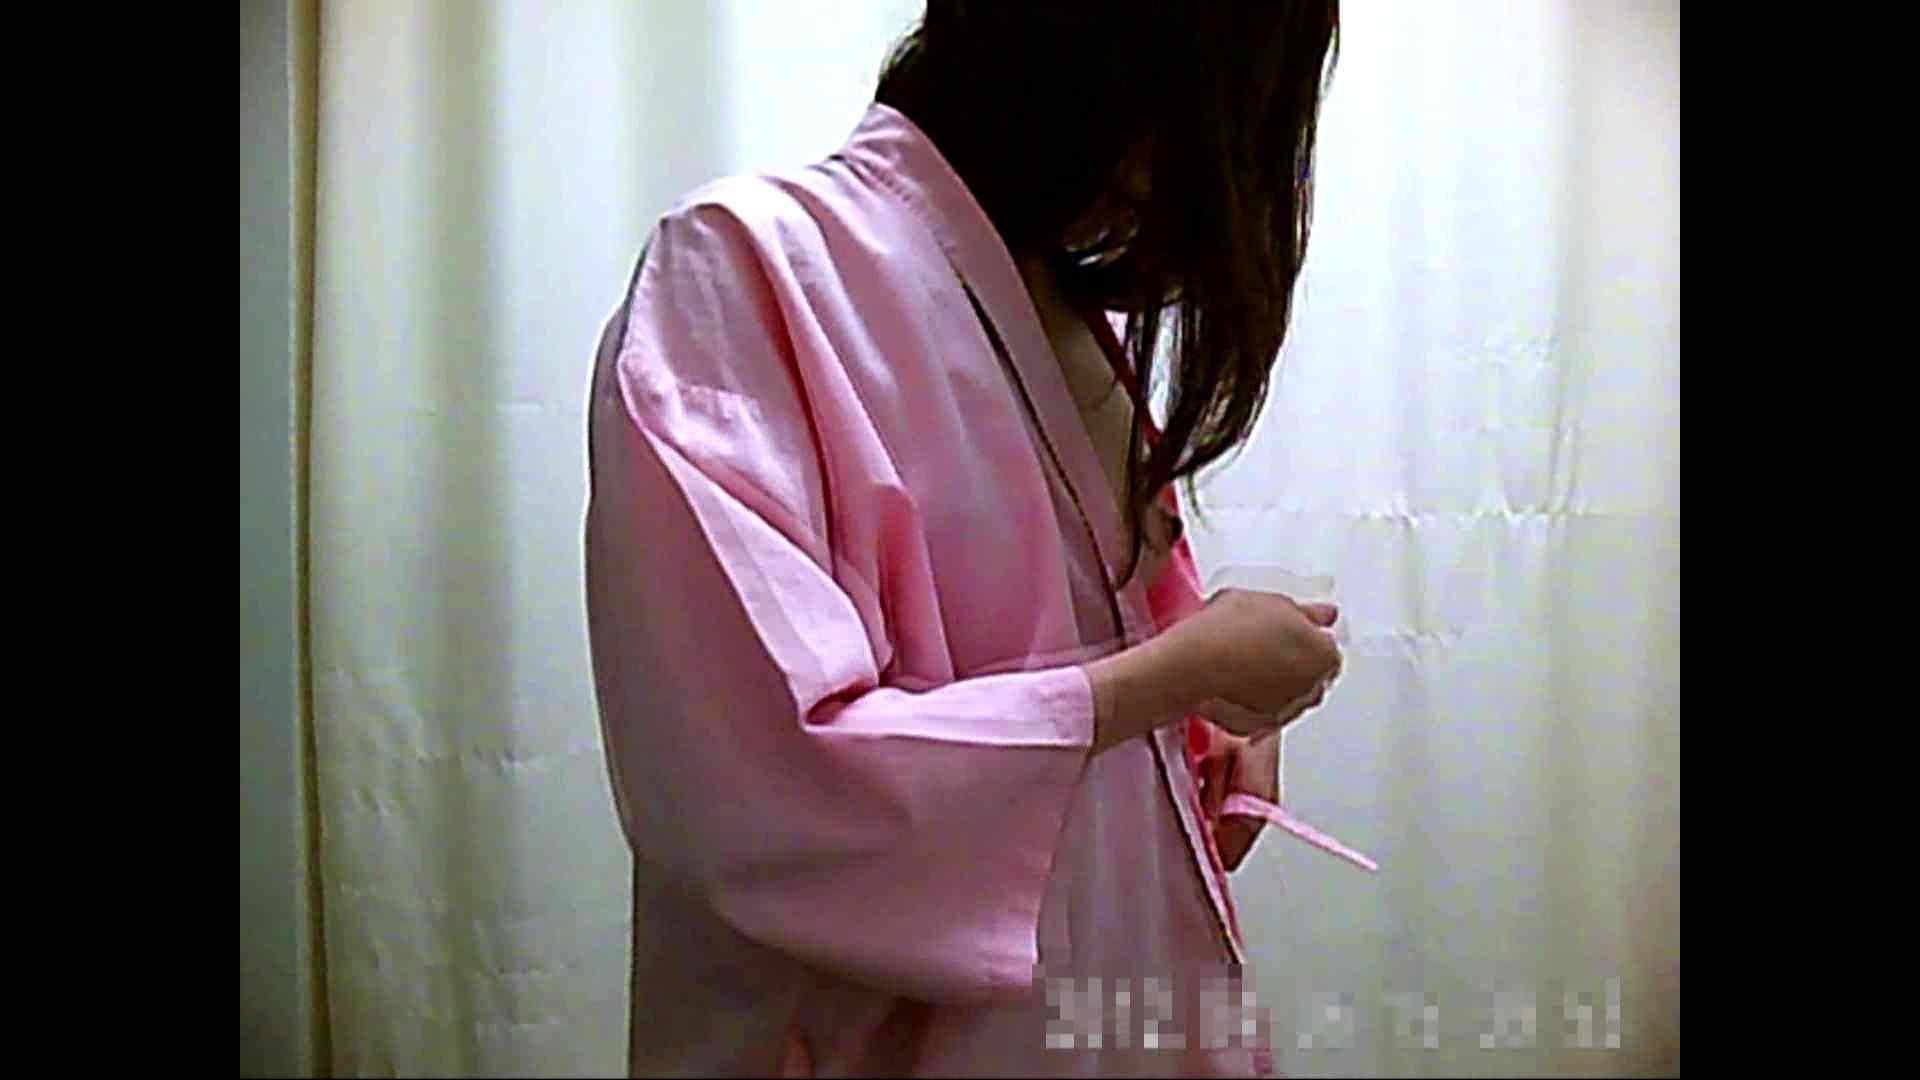 元医者による反抗 更衣室地獄絵巻 vol.020 OLハメ撮り  69Pix 53